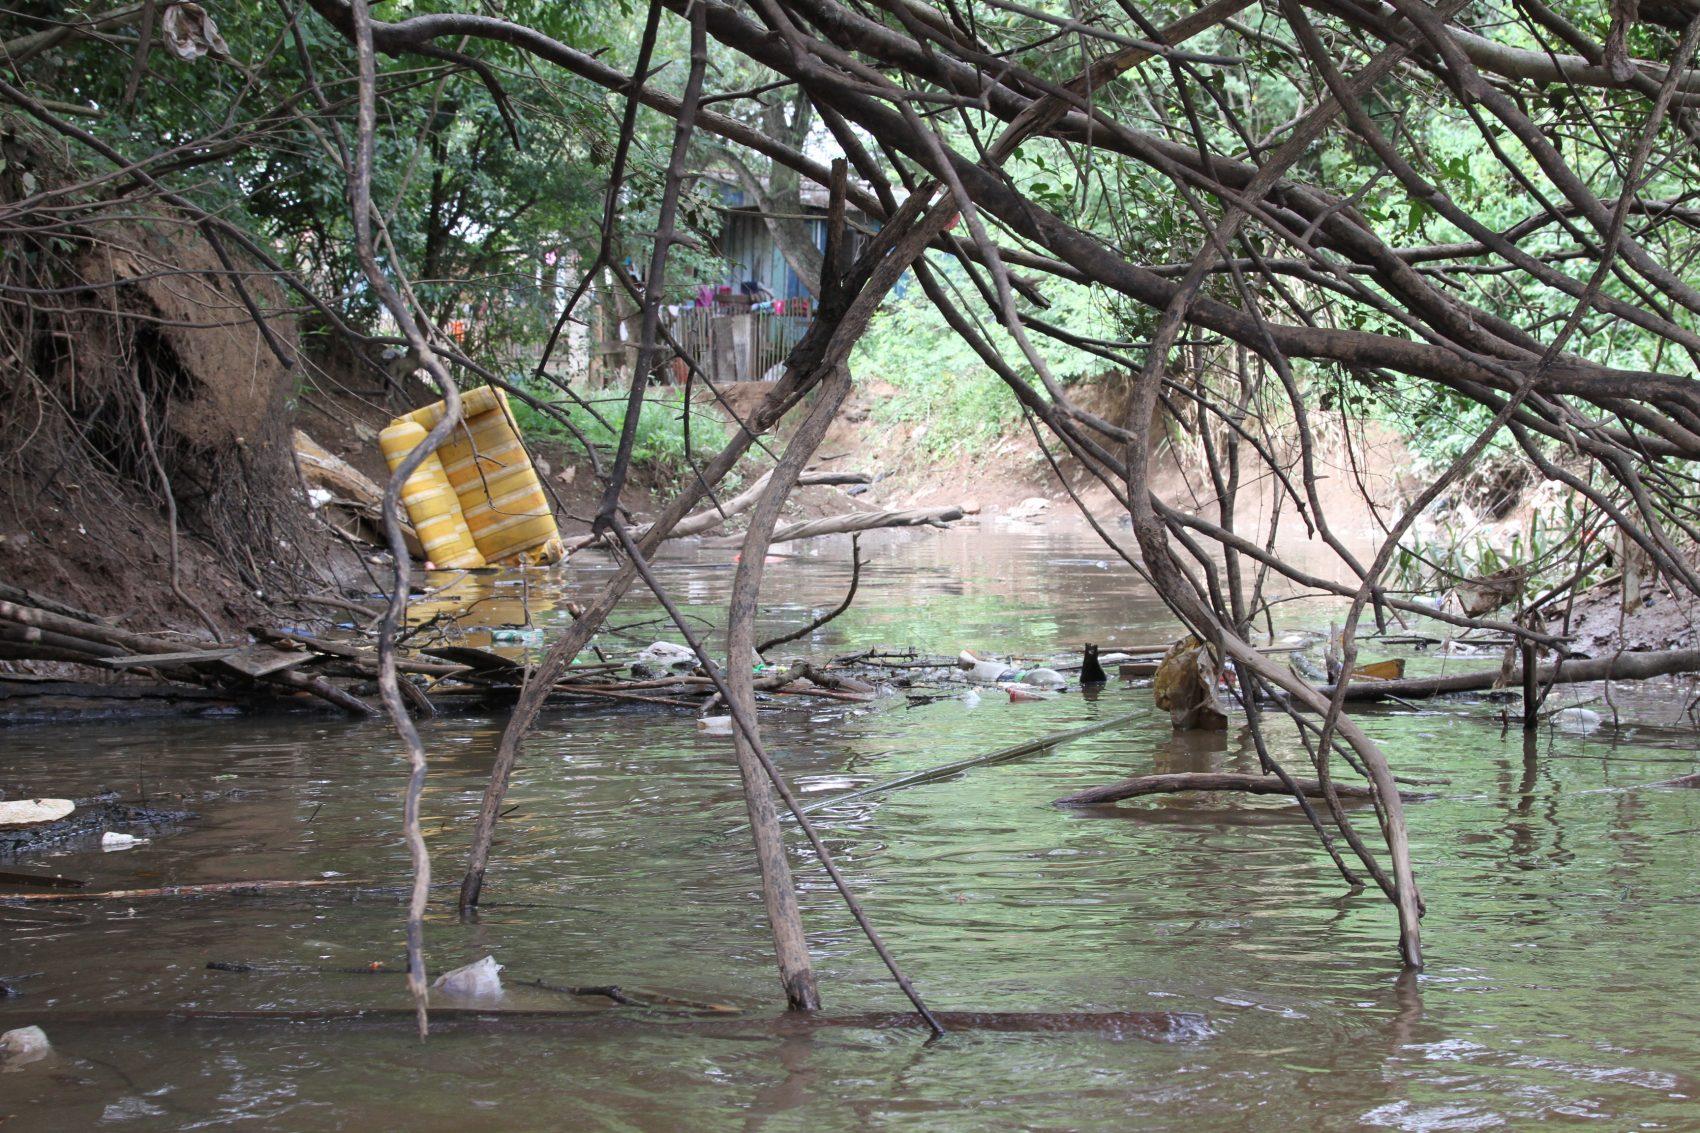 O Rio Grande do Sul possui três rios entre os dez mais poluídos do Brasil: Gravataí, Sinos (foto) e Caí